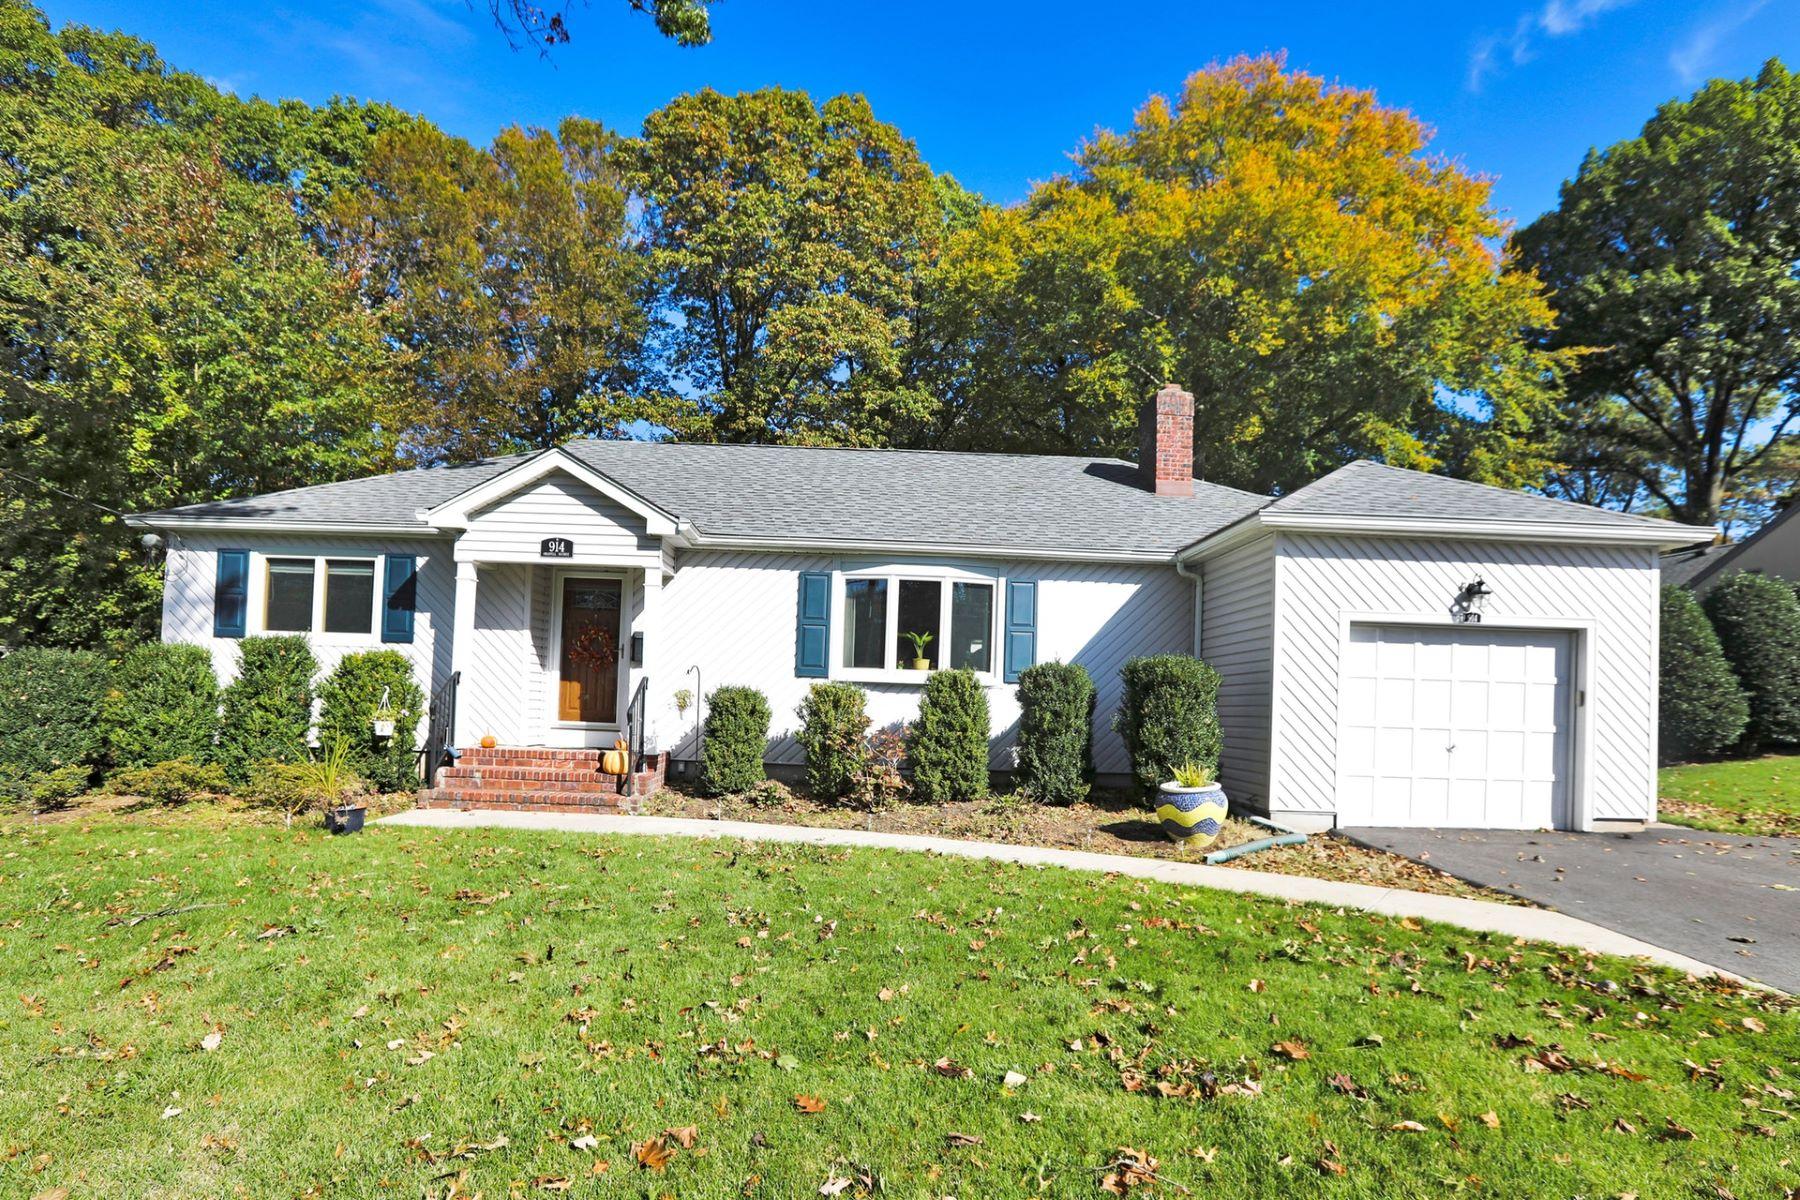 Single Family Homes por un Venta en Welcome Home to this recently updated ranch style home 914 Oradell Ave Oradell, Nueva Jersey 07649 Estados Unidos